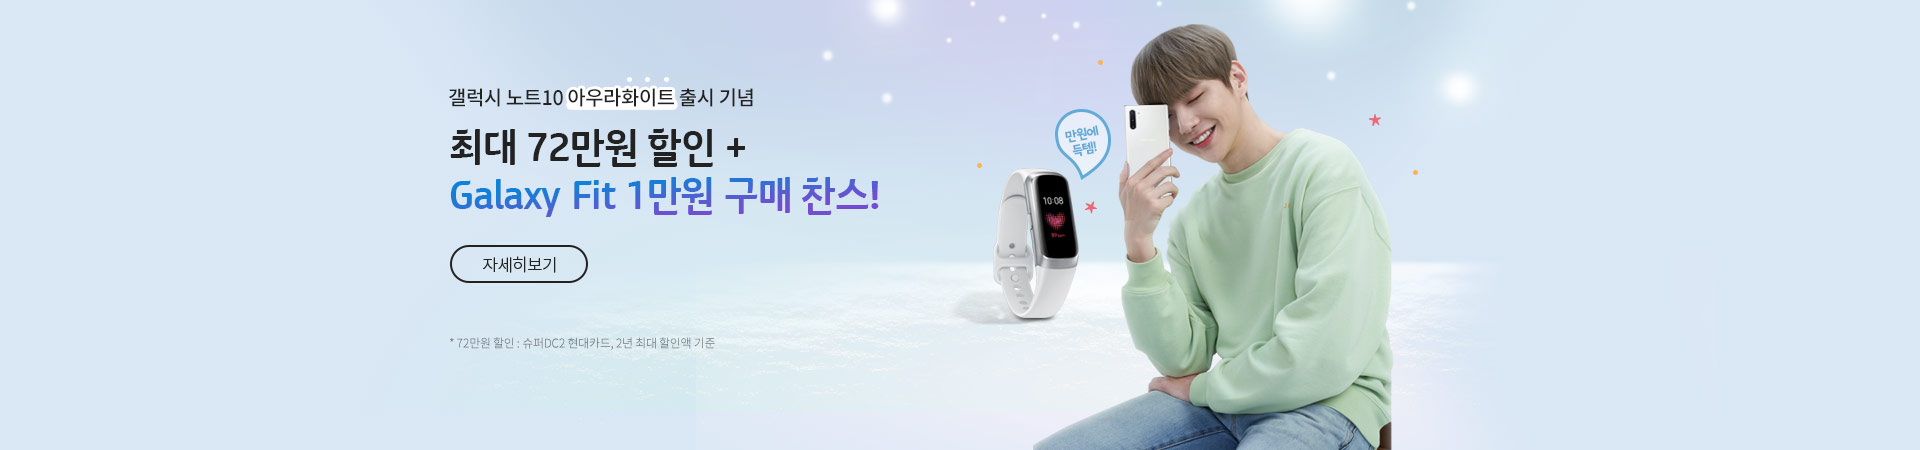 갤럭시 노트10 아우라화이트 출시 기념 최대 72만원 할인 + Galaxy Fit 1만원 구매 찬스! 만원에 득템! *72만원 할인 : 슈퍼DC2 현대카드, 2년 최대 할인액 기준